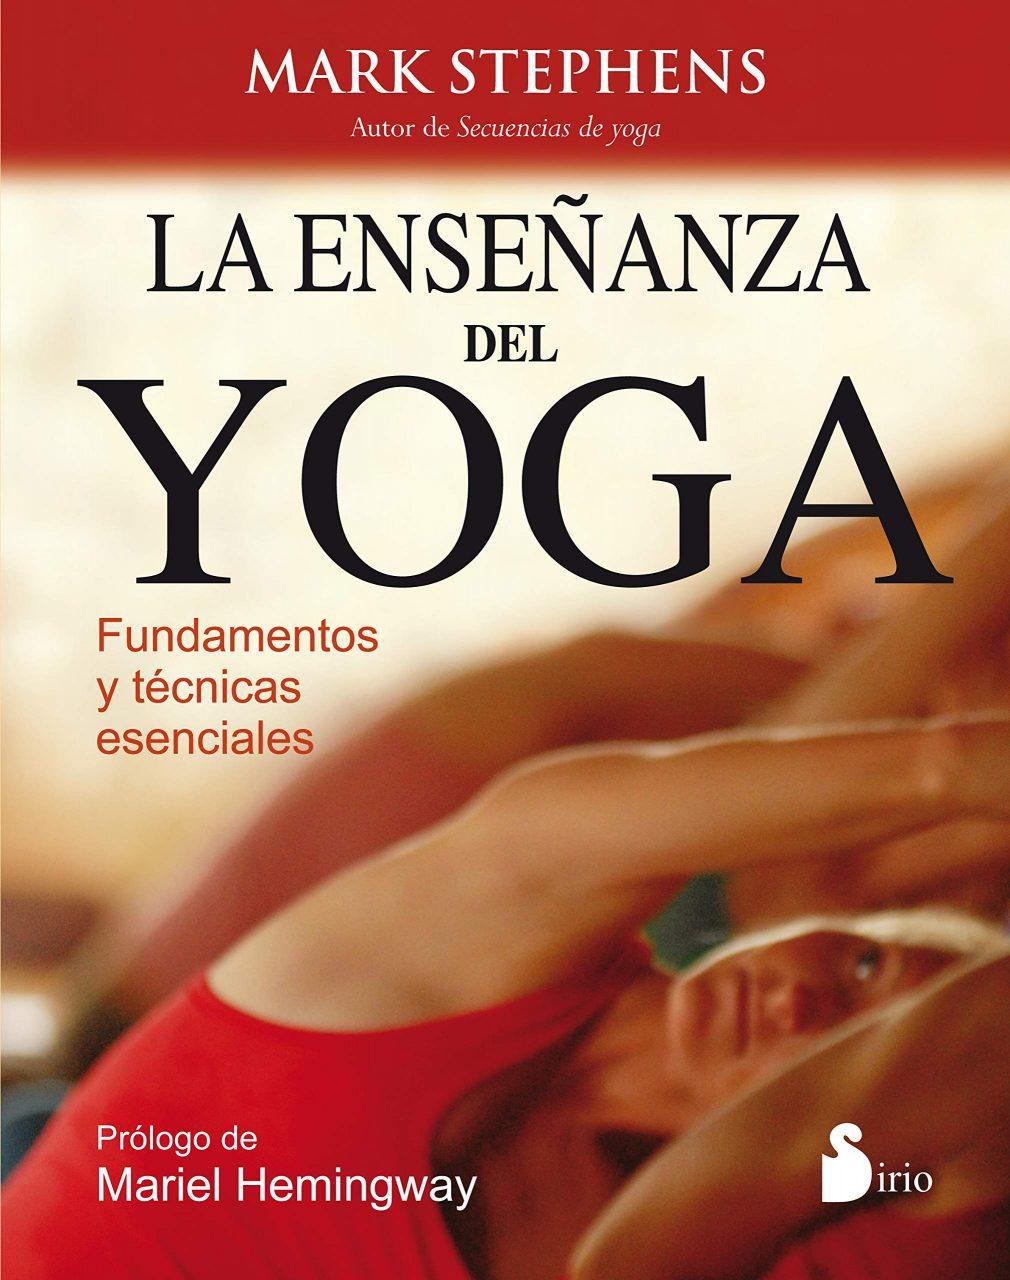 En este momento estás viendo La enseñanza del yoga